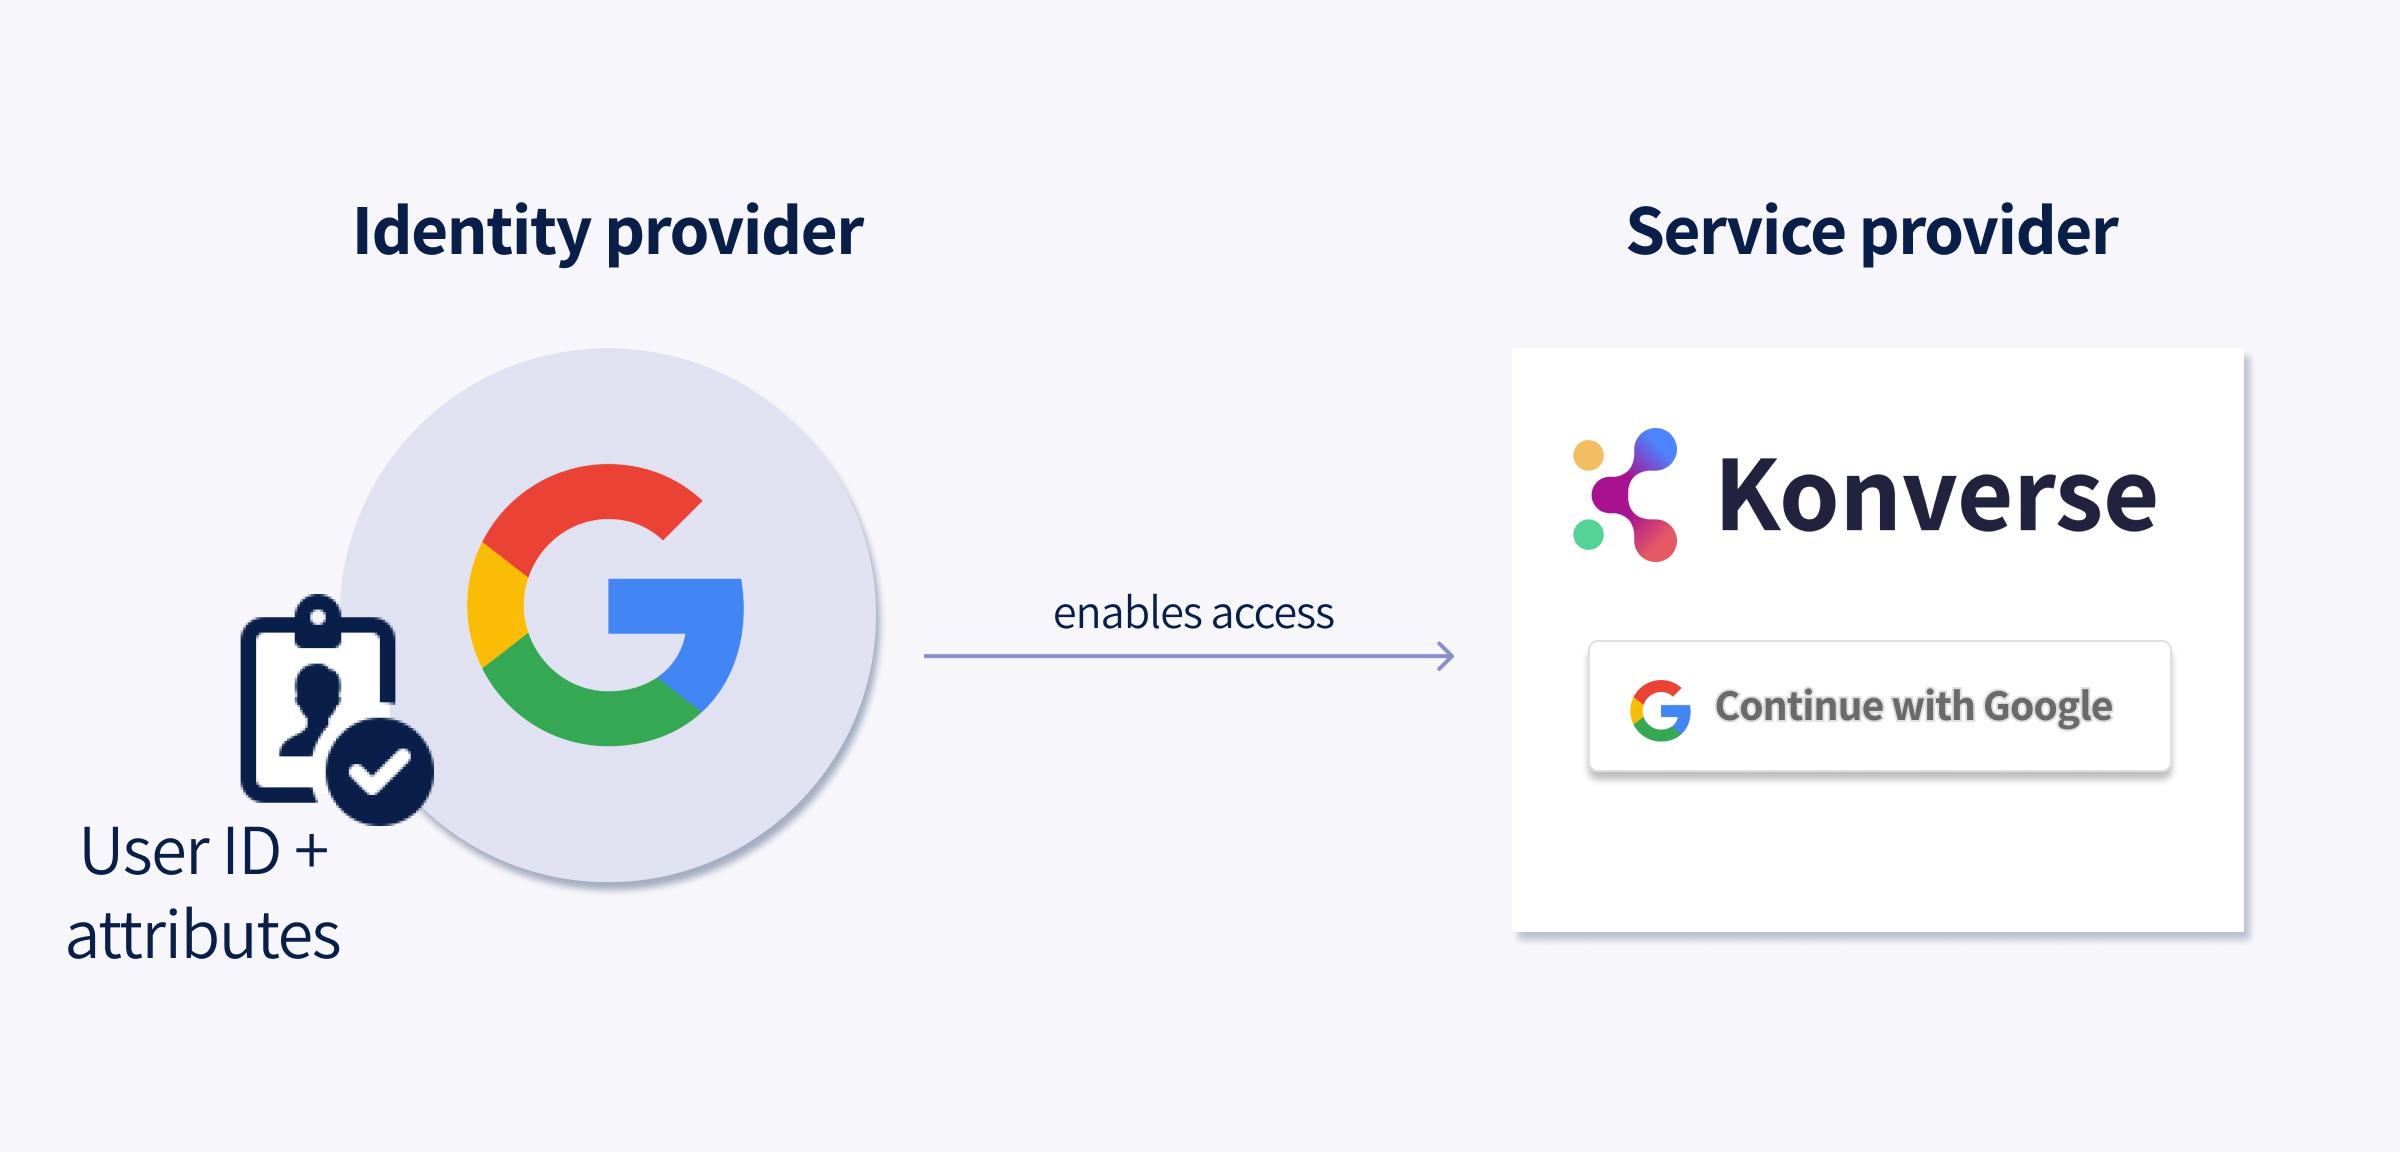 Konverse as a service provider SSO